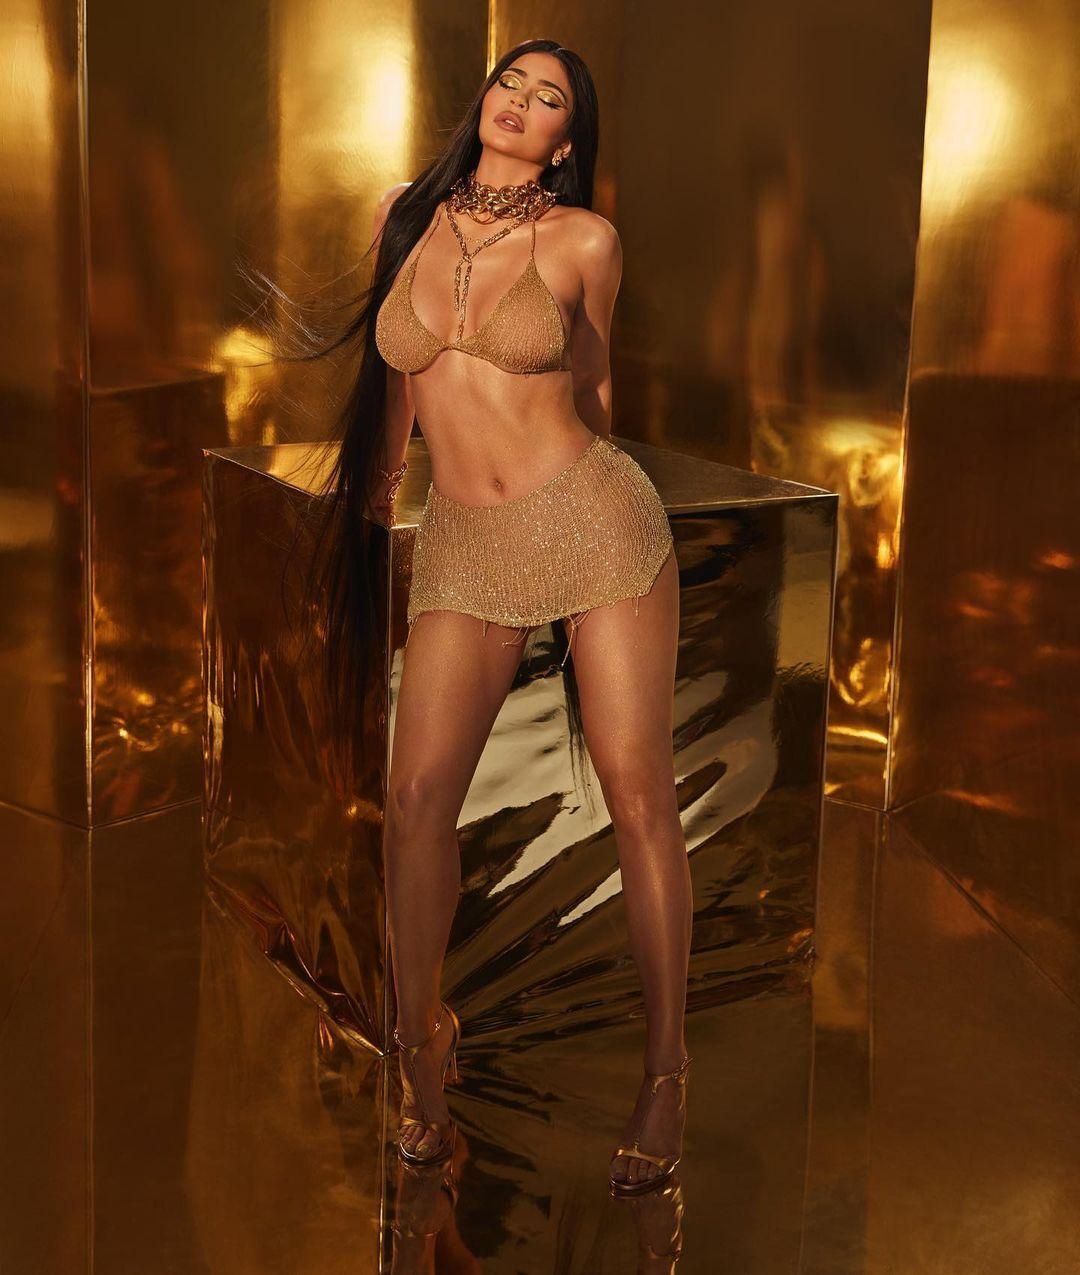 न्यूड फोटो शेयर कर सुर्खियों में आई Kylie Jenner, देखें Viral हुईं आज तक की सबसे Boldest Photos